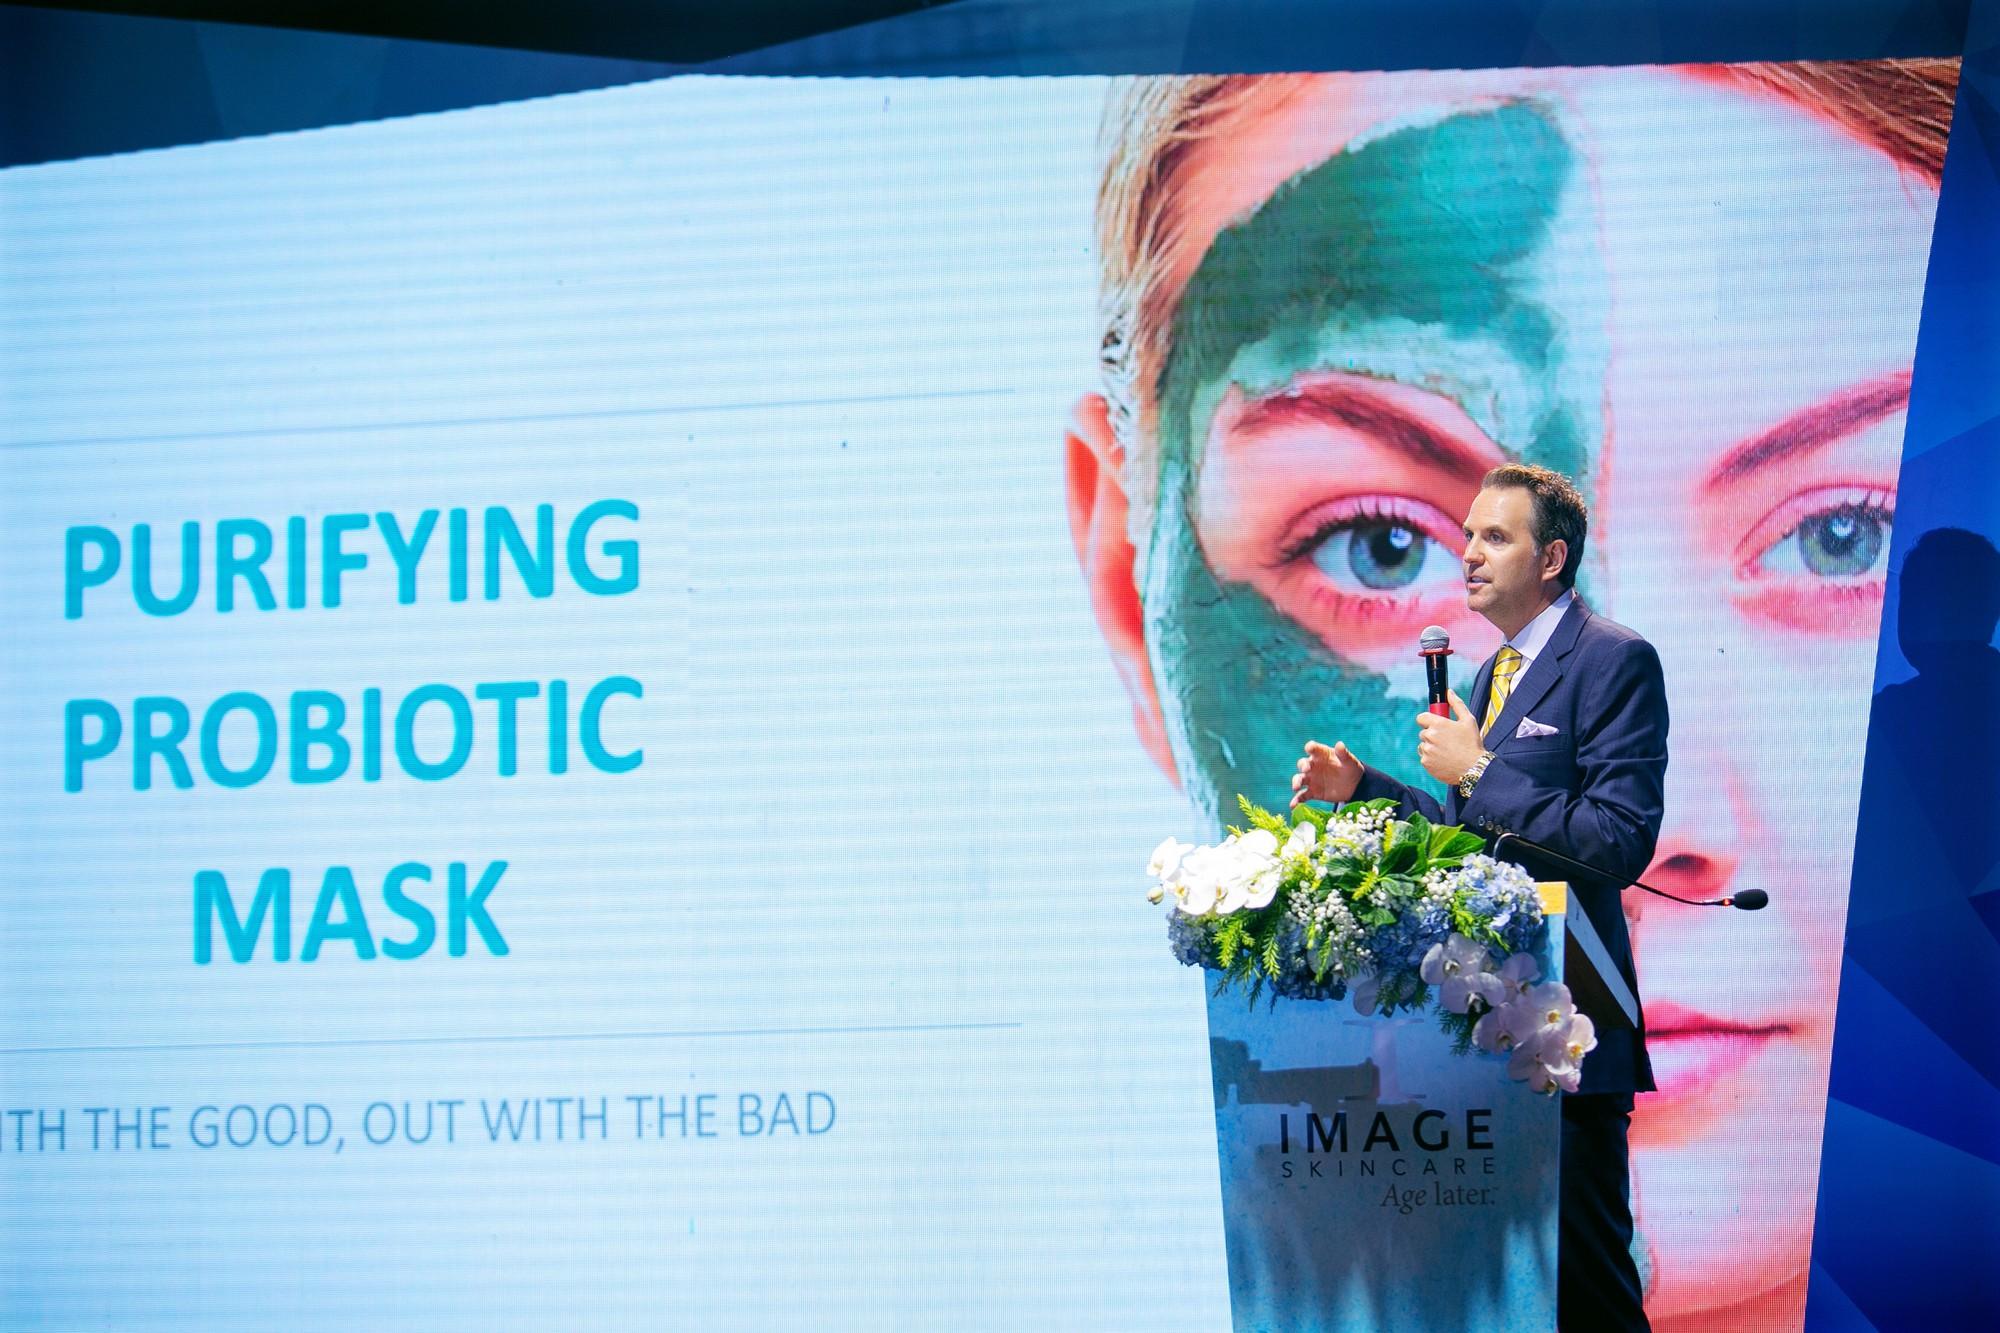 Hội nghị quốc tế IMAGEskincare lần thứ 12 Recover Your Beauty chuyên đề nám - Ảnh 3.